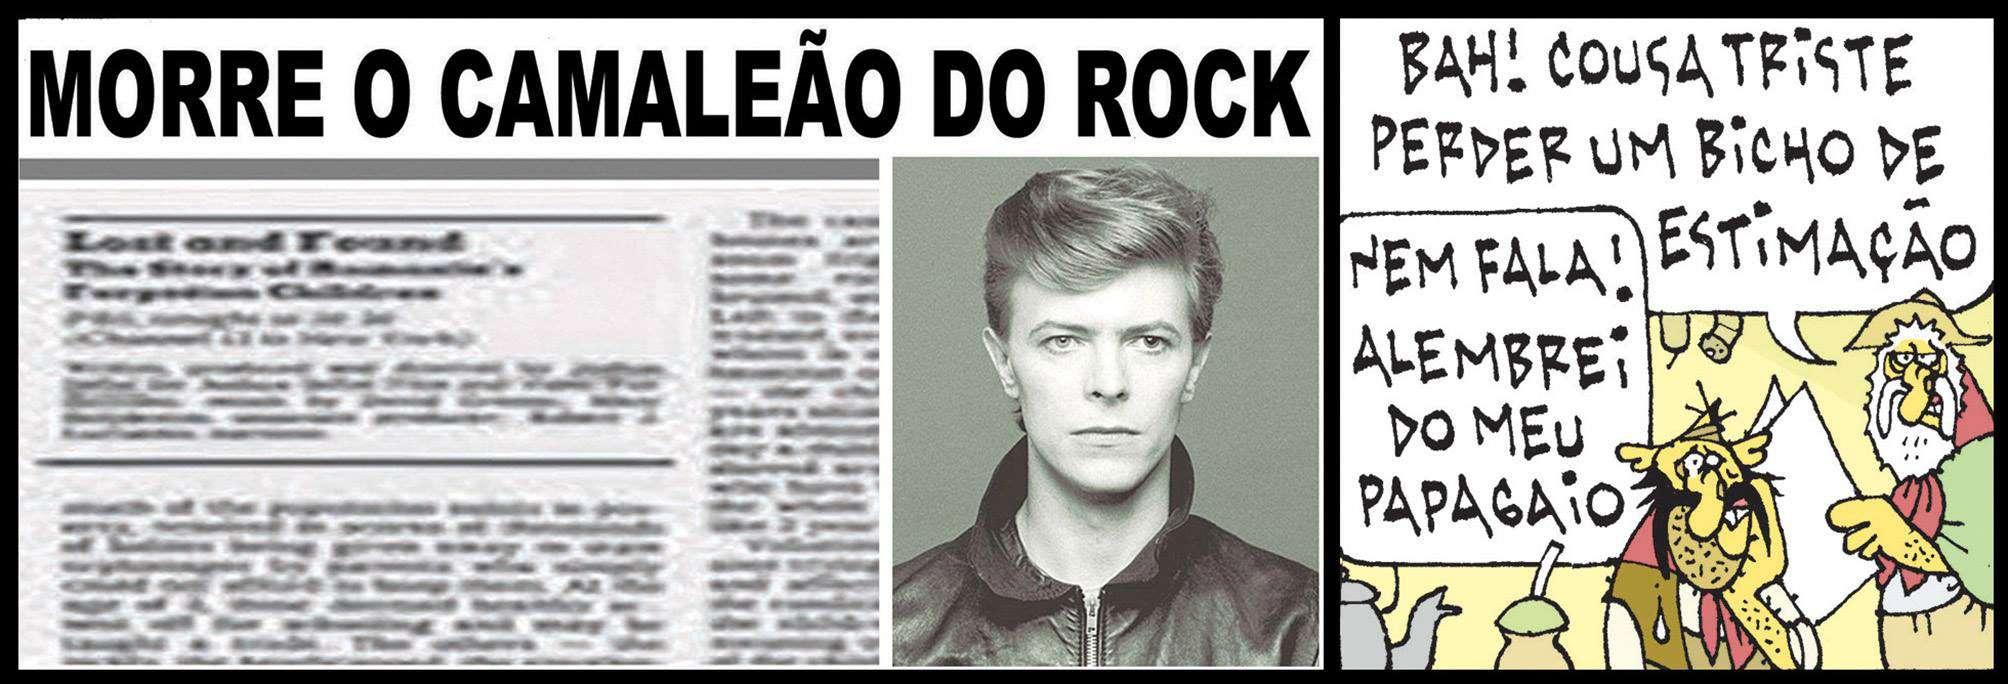 """Tapejara, o Último Guasca Morre David Bowie, o camaleão do Rock Tio Gamela: """"Bah! Cousa triste perder um bicho de estimação."""" Tapejara: """"Nem fala! Alembrei do meu papagaio."""""""